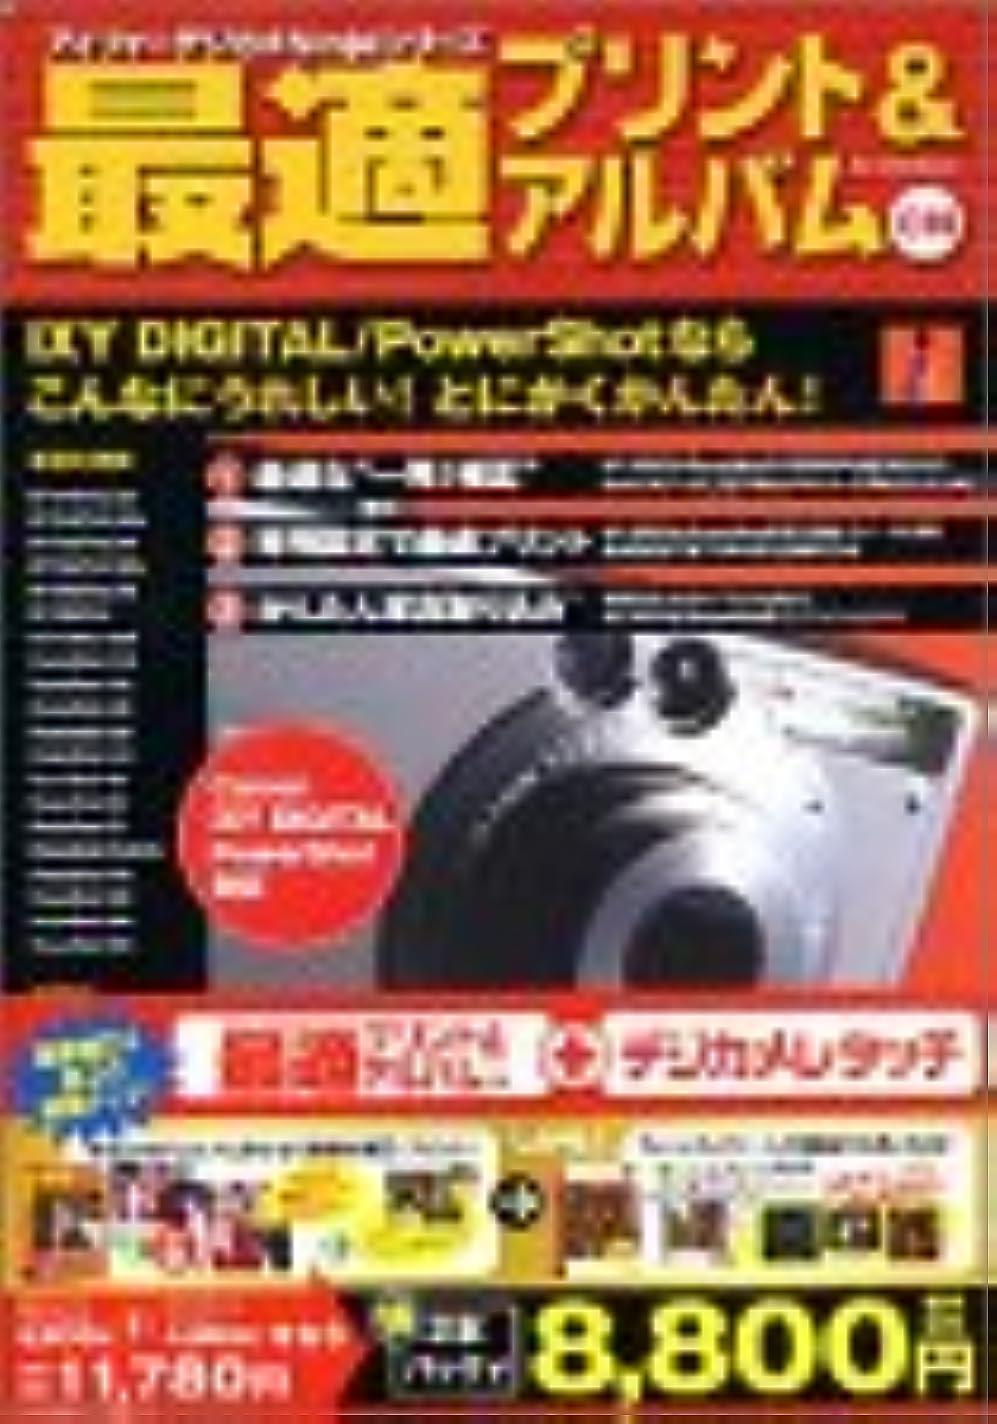 障害者まっすぐにするウルル最適プリント&アルバム [CN] for Windows+デジカメレタッチ